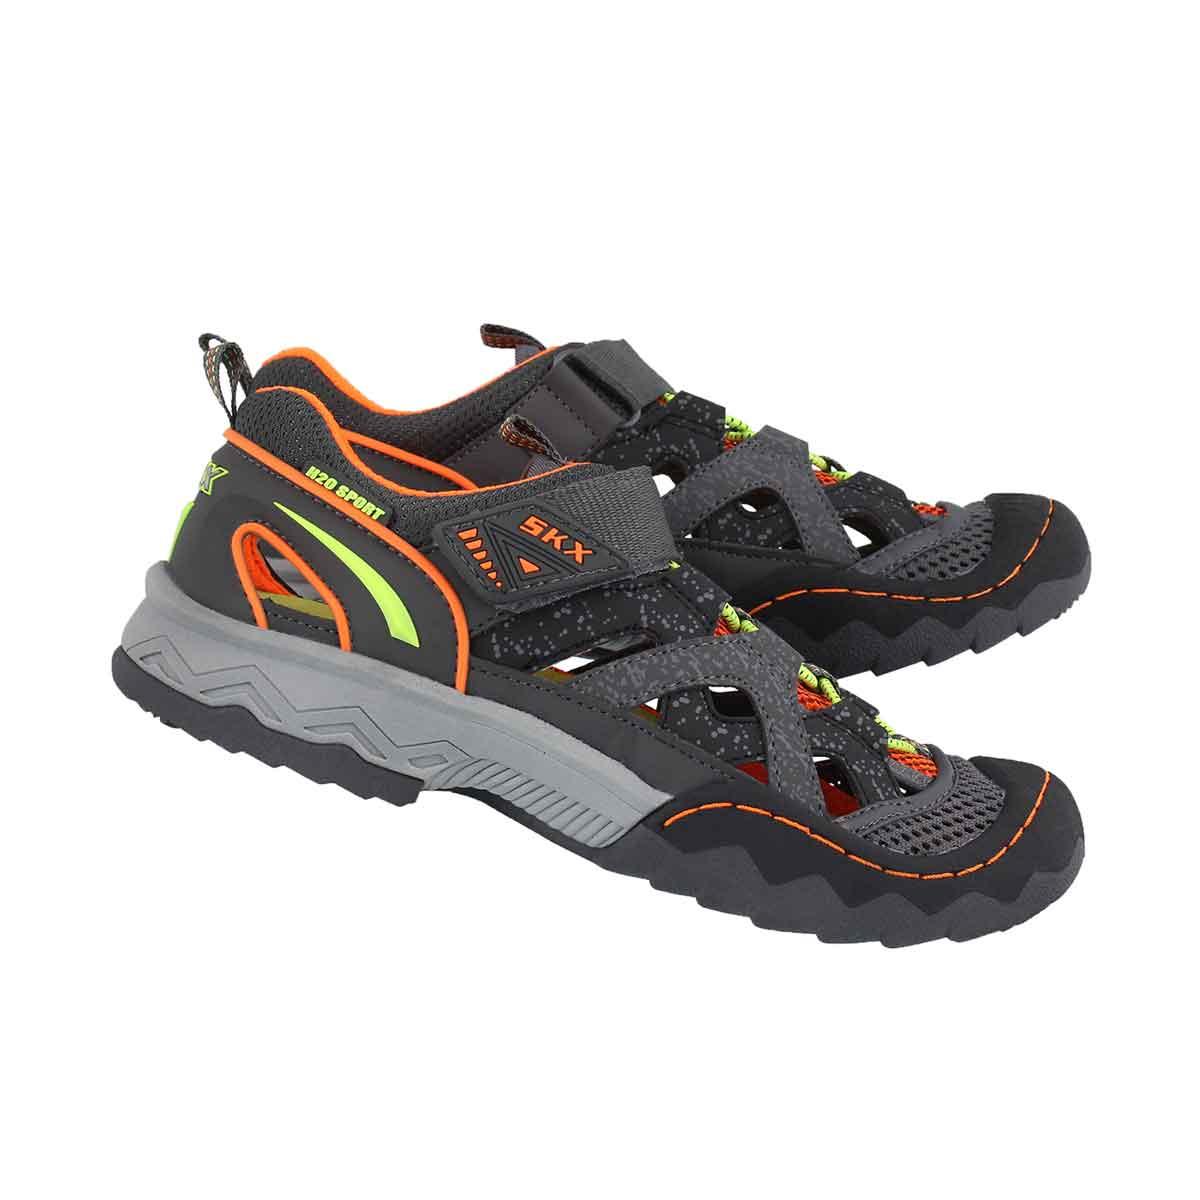 Bys Whipsaw Wander Trek char/orng sandal